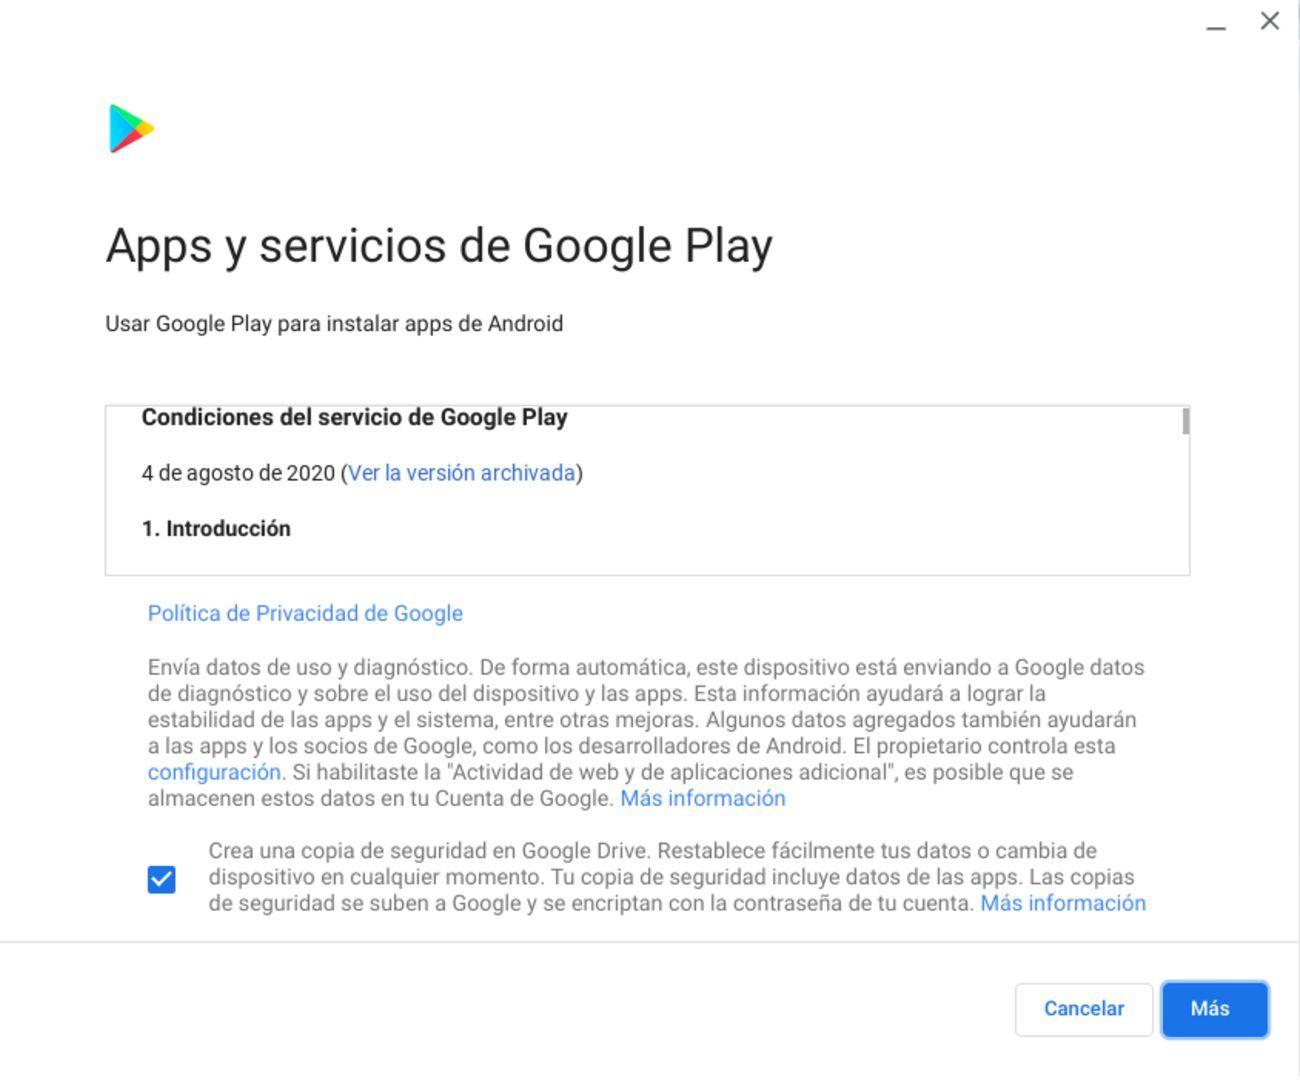 Términos y condiciones de Google Play